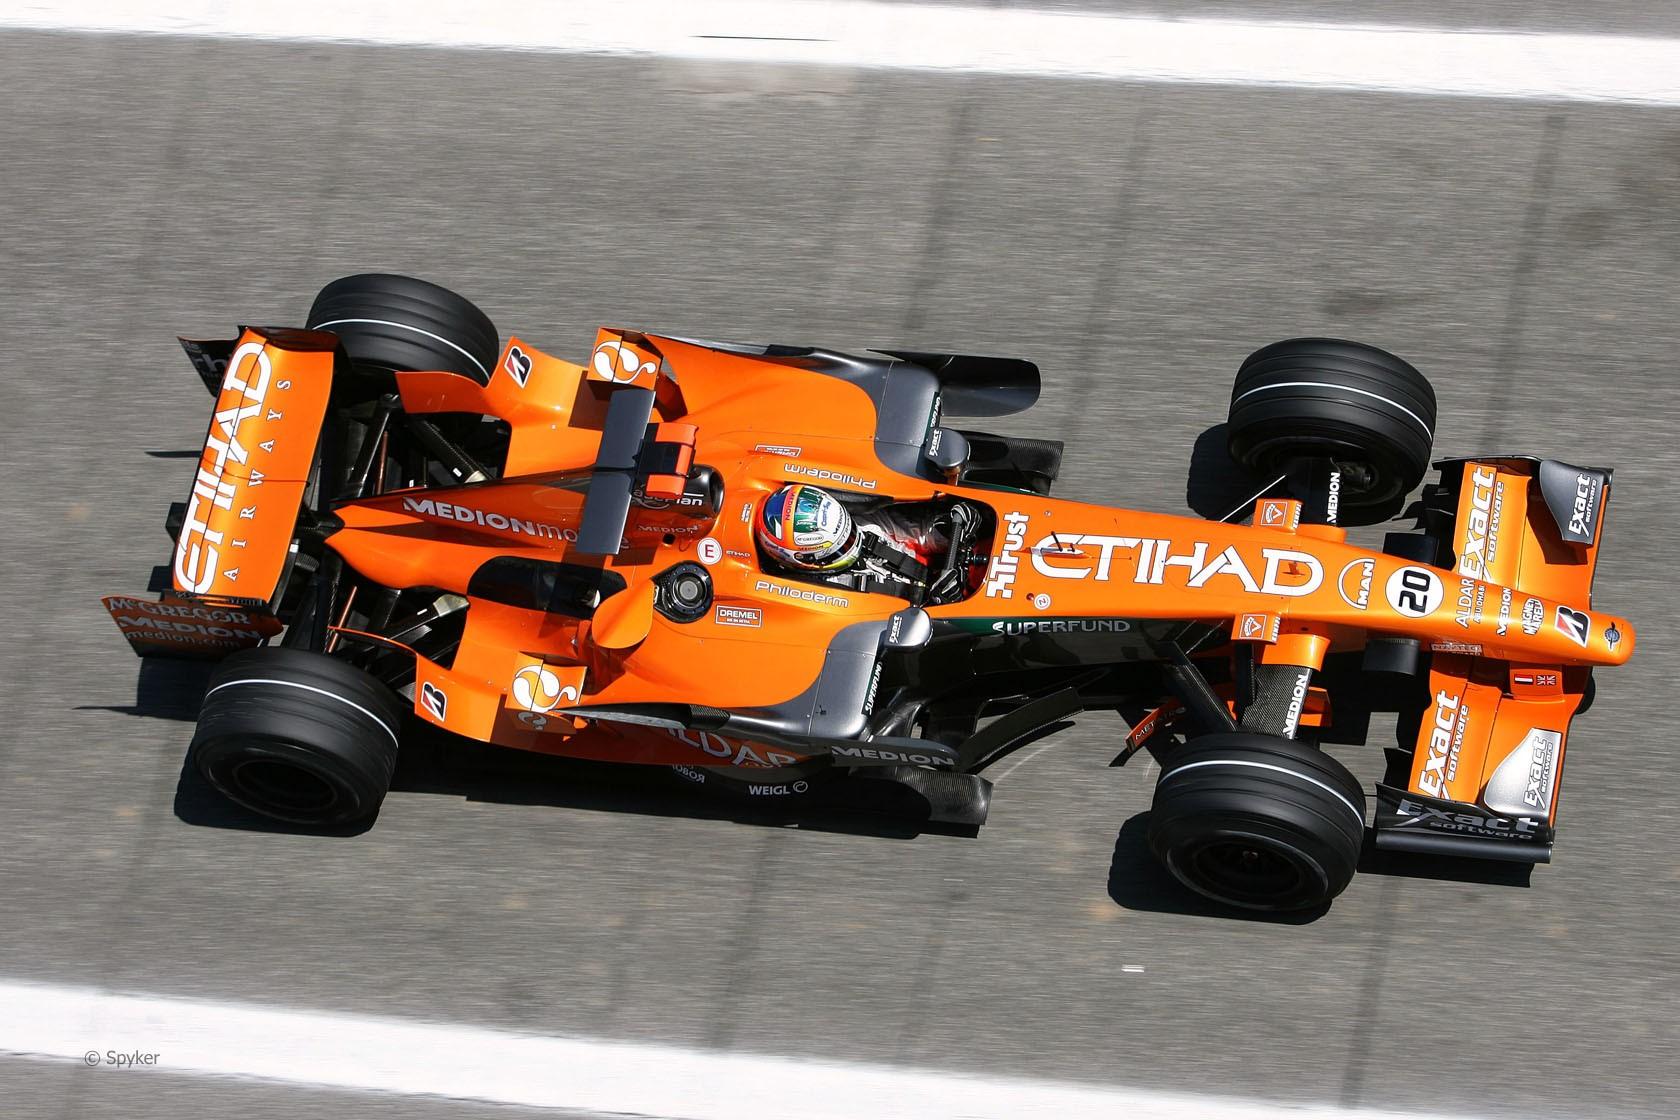 Болид Spyker F1